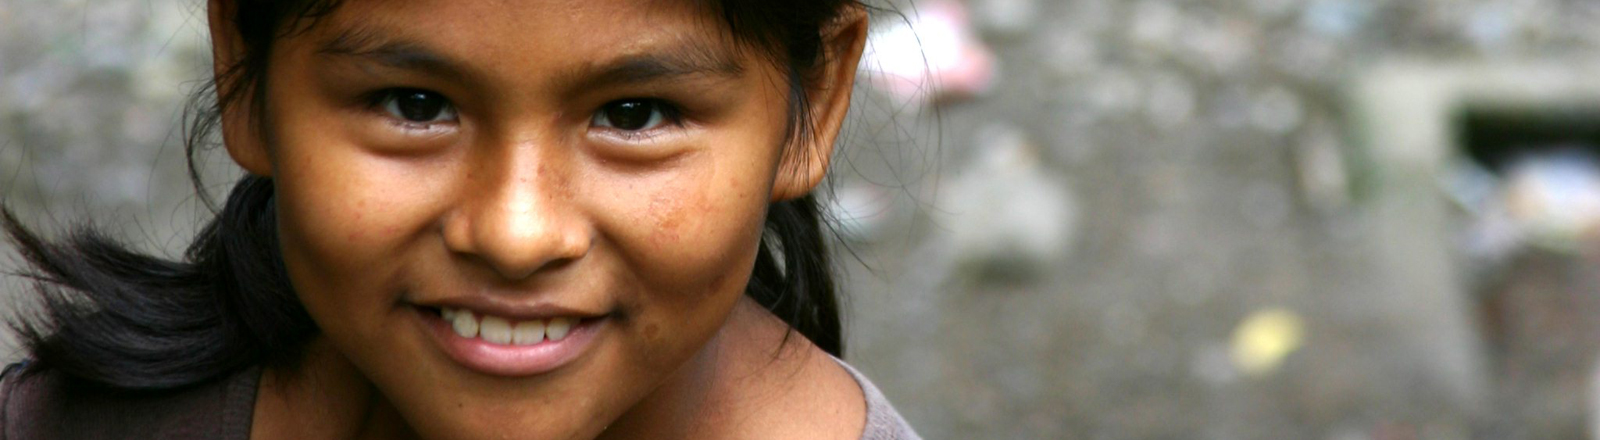 Ein indigenes Mädchen in Peru